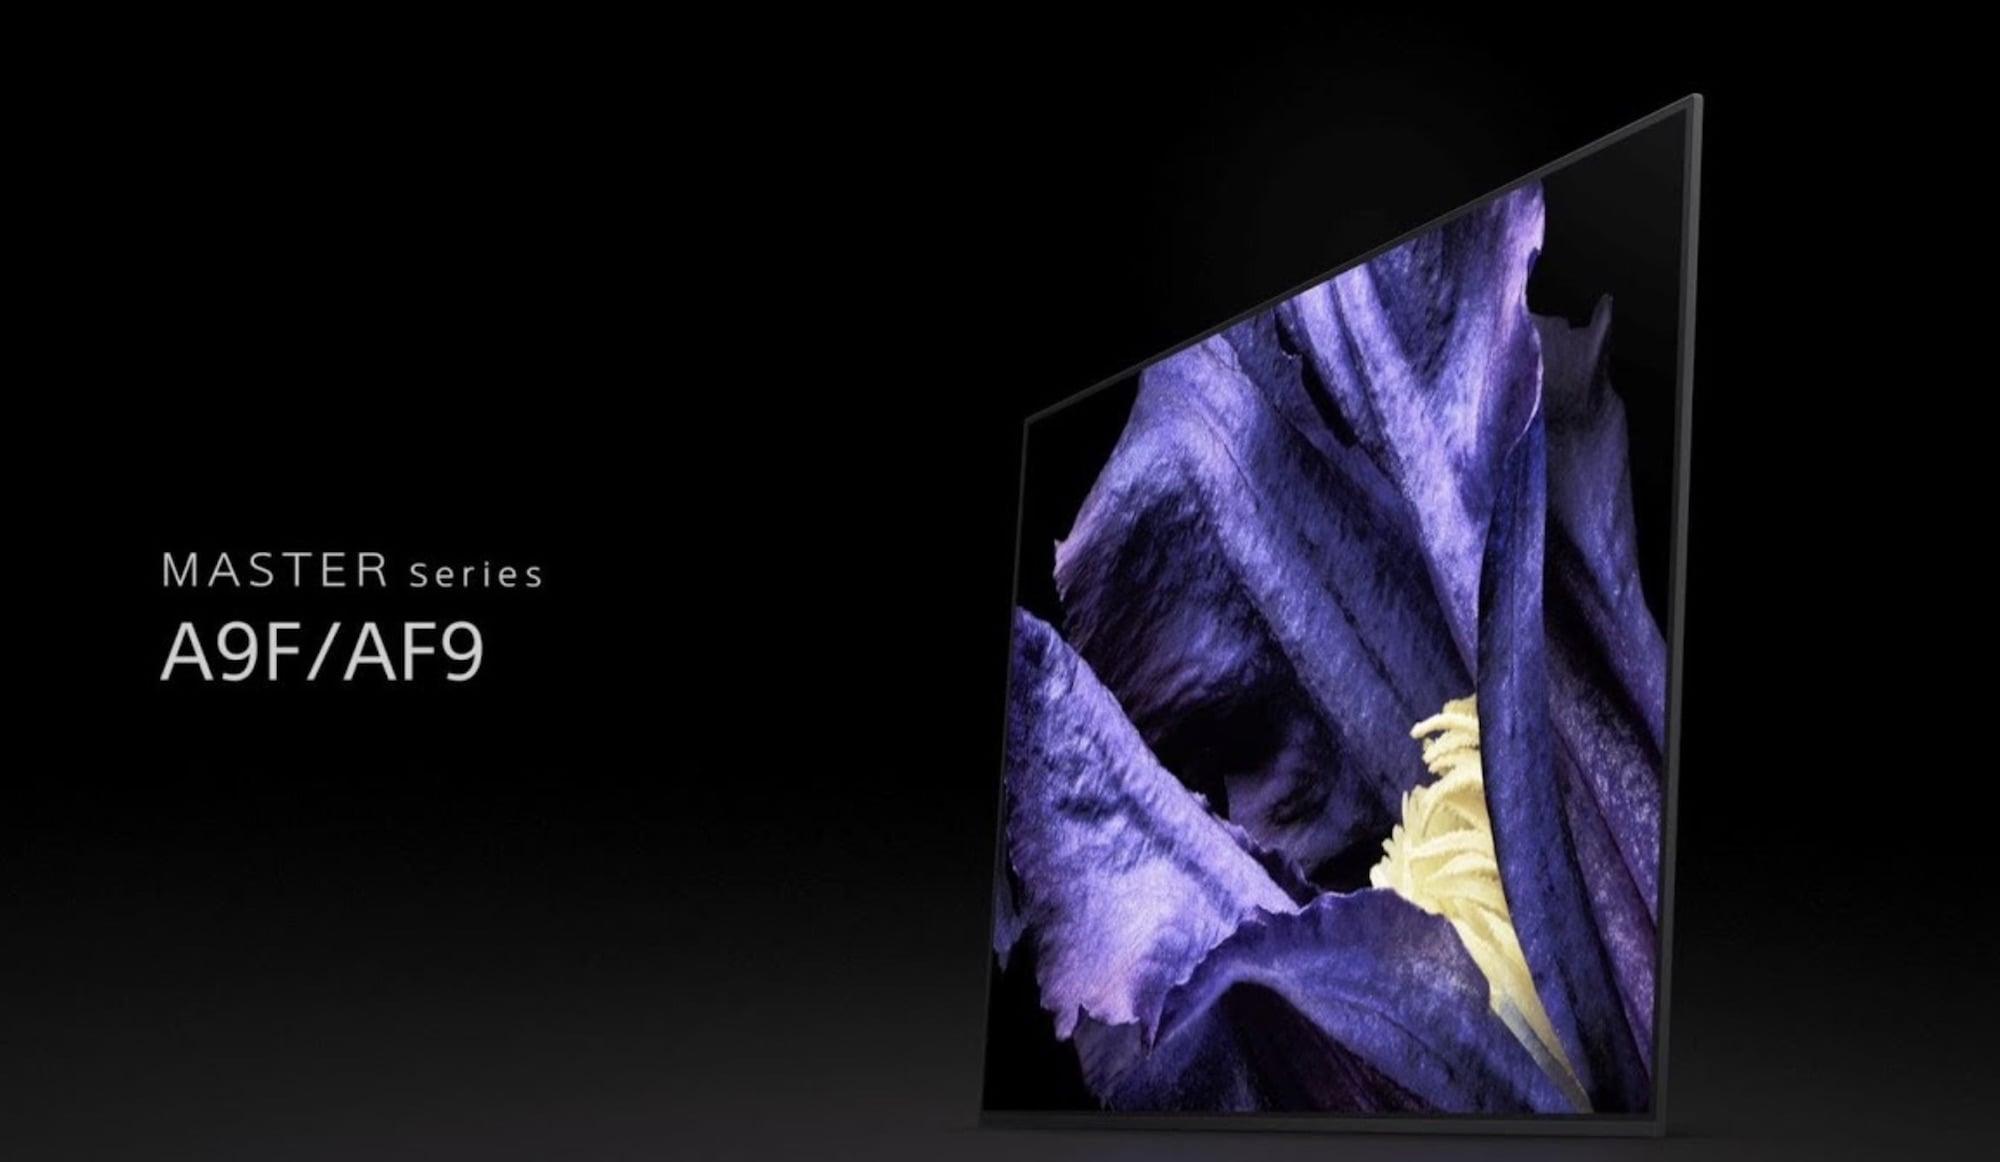 Sony Bravia Master 4K UHD TVs